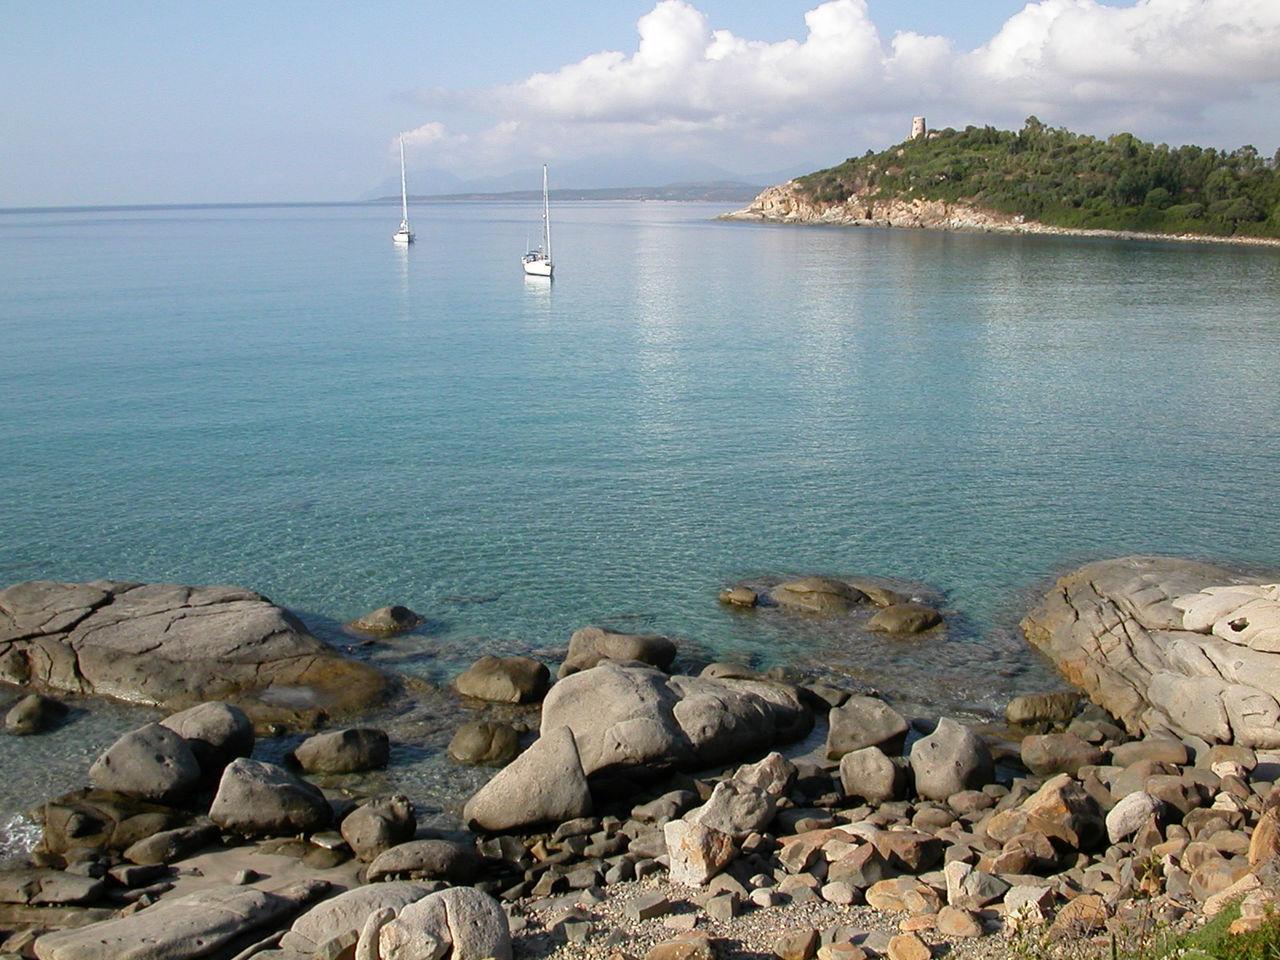 Porto Frailis, Sardegna, Italy Boat Cala Italy Mare Mare ❤ Porto Frailis Sardegna Sardinia Sardegna Italy  Sea